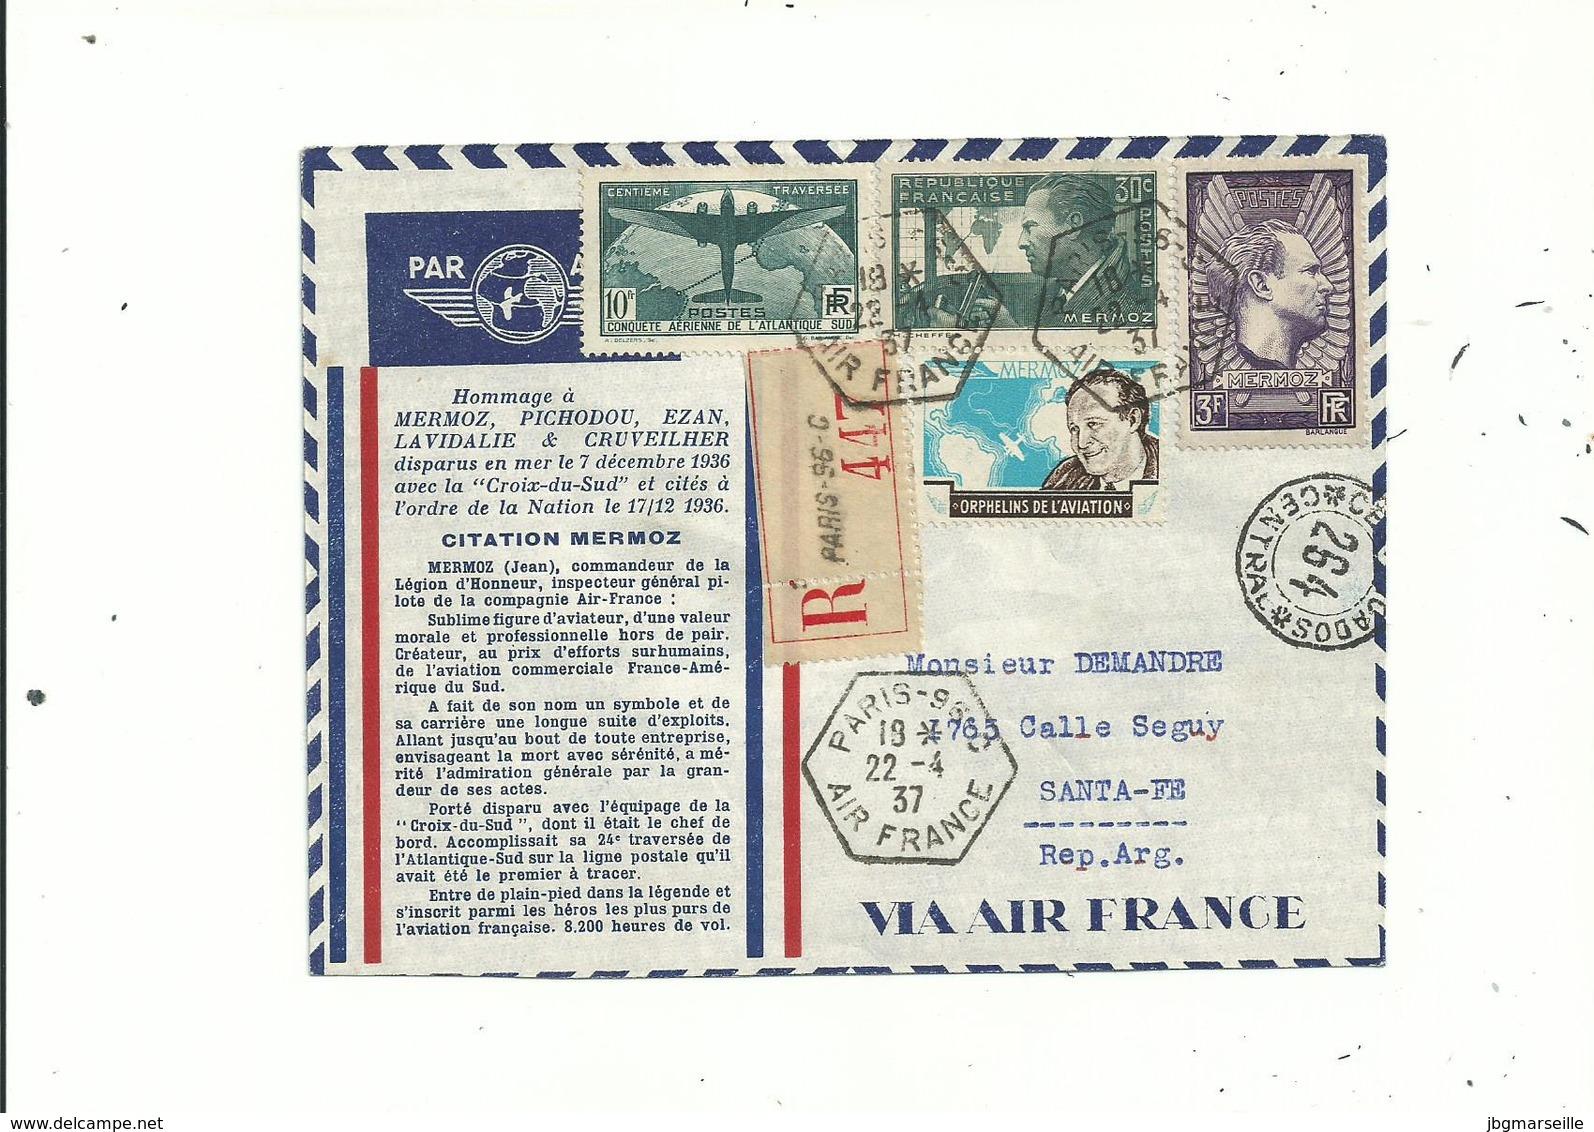 LR Du 22 Avril 1937.. De  Paris .pour L'Argentine..avec N°321 Et Hommage à MERMOZ...(1er Jour) + Vignette.....à Voir.... - France